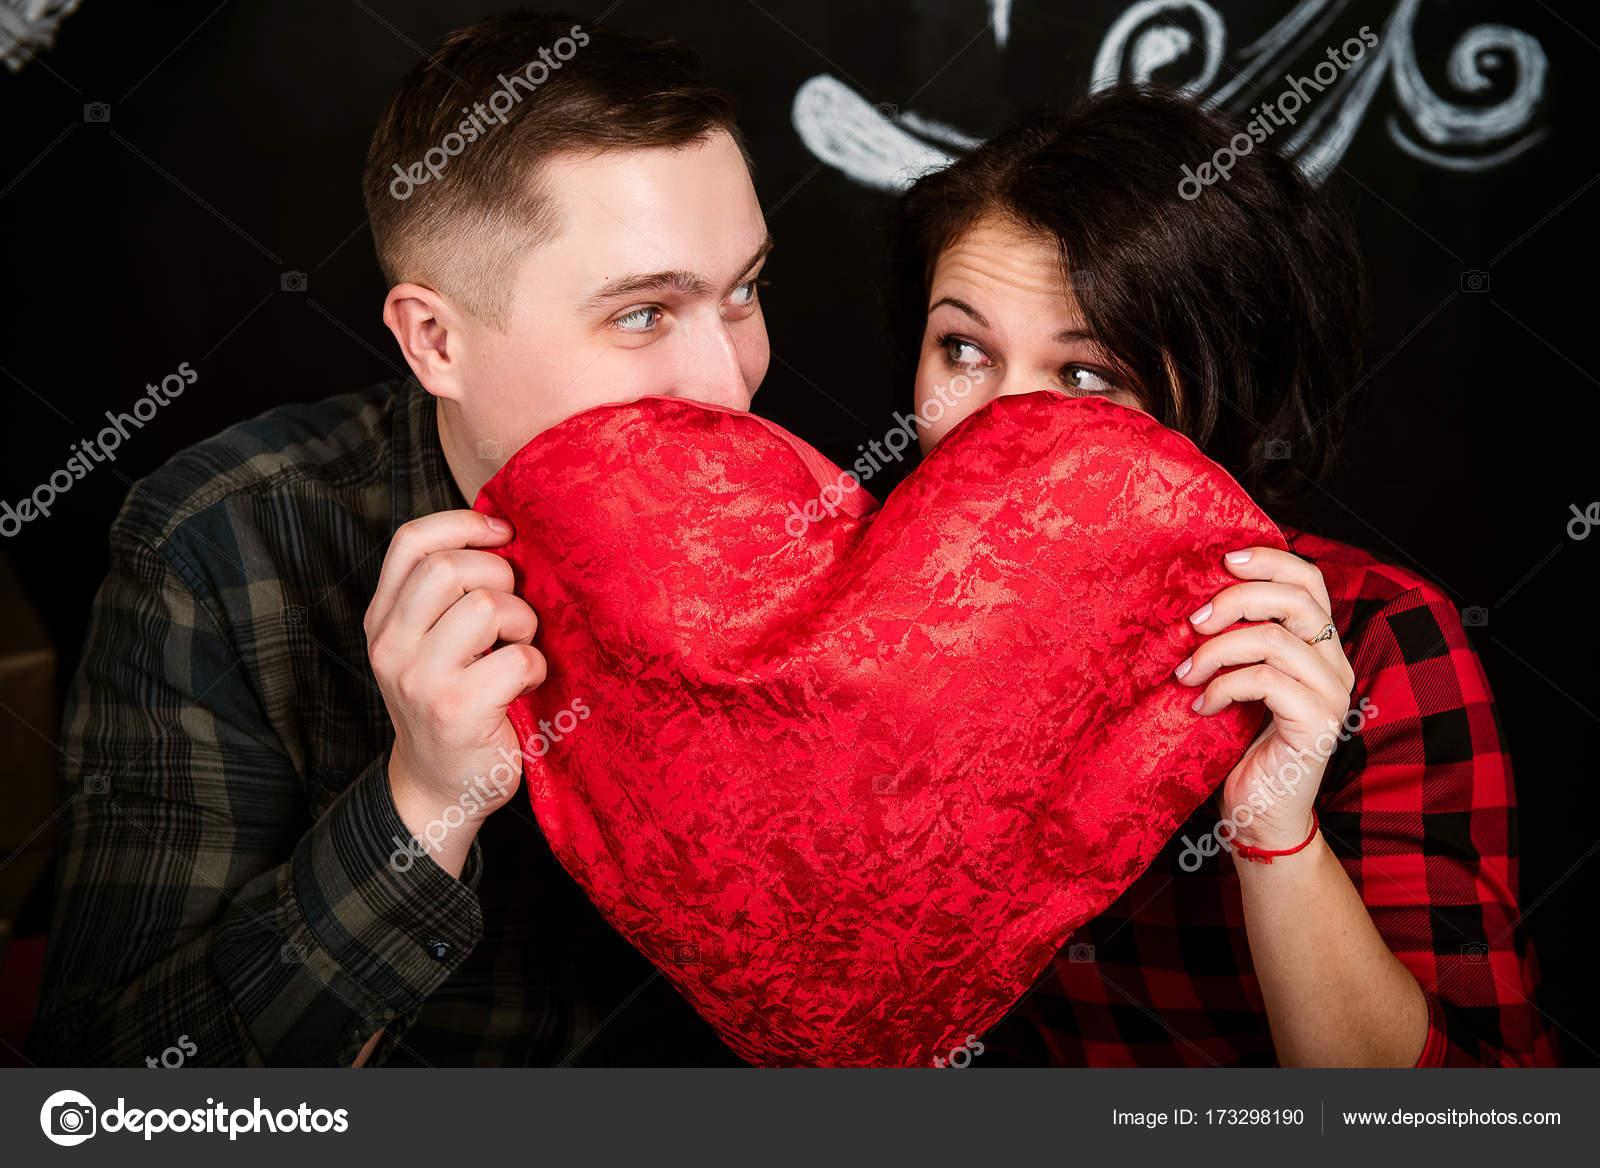 San Valentino per incontri casual